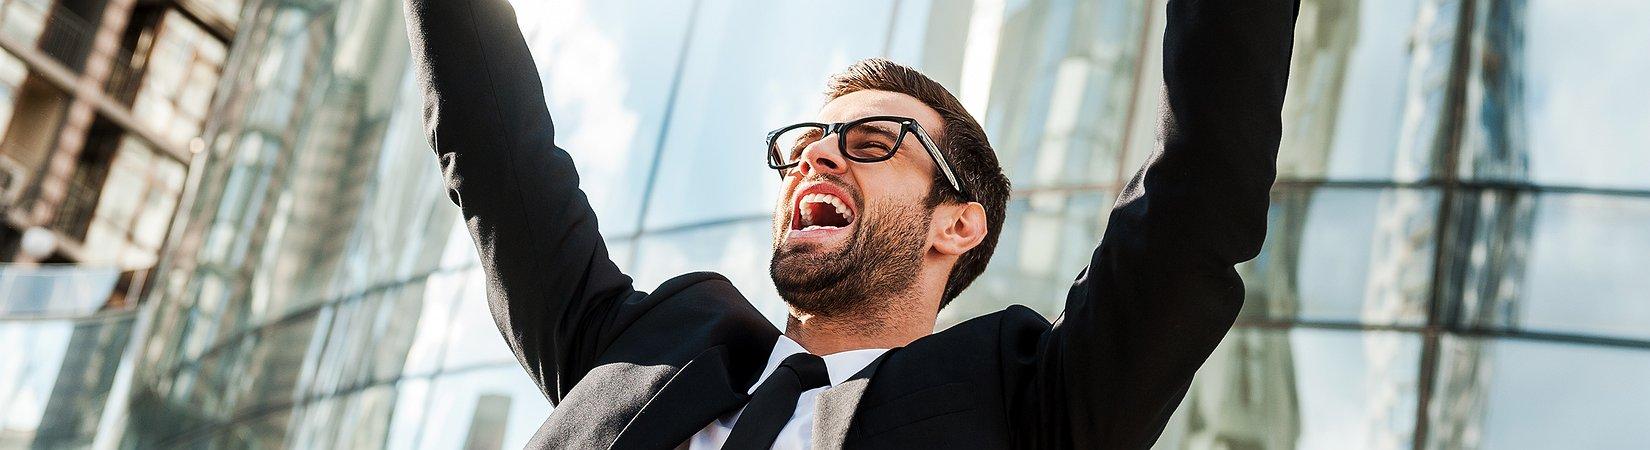 7 نصائح للنجاح في الحياة والعمل